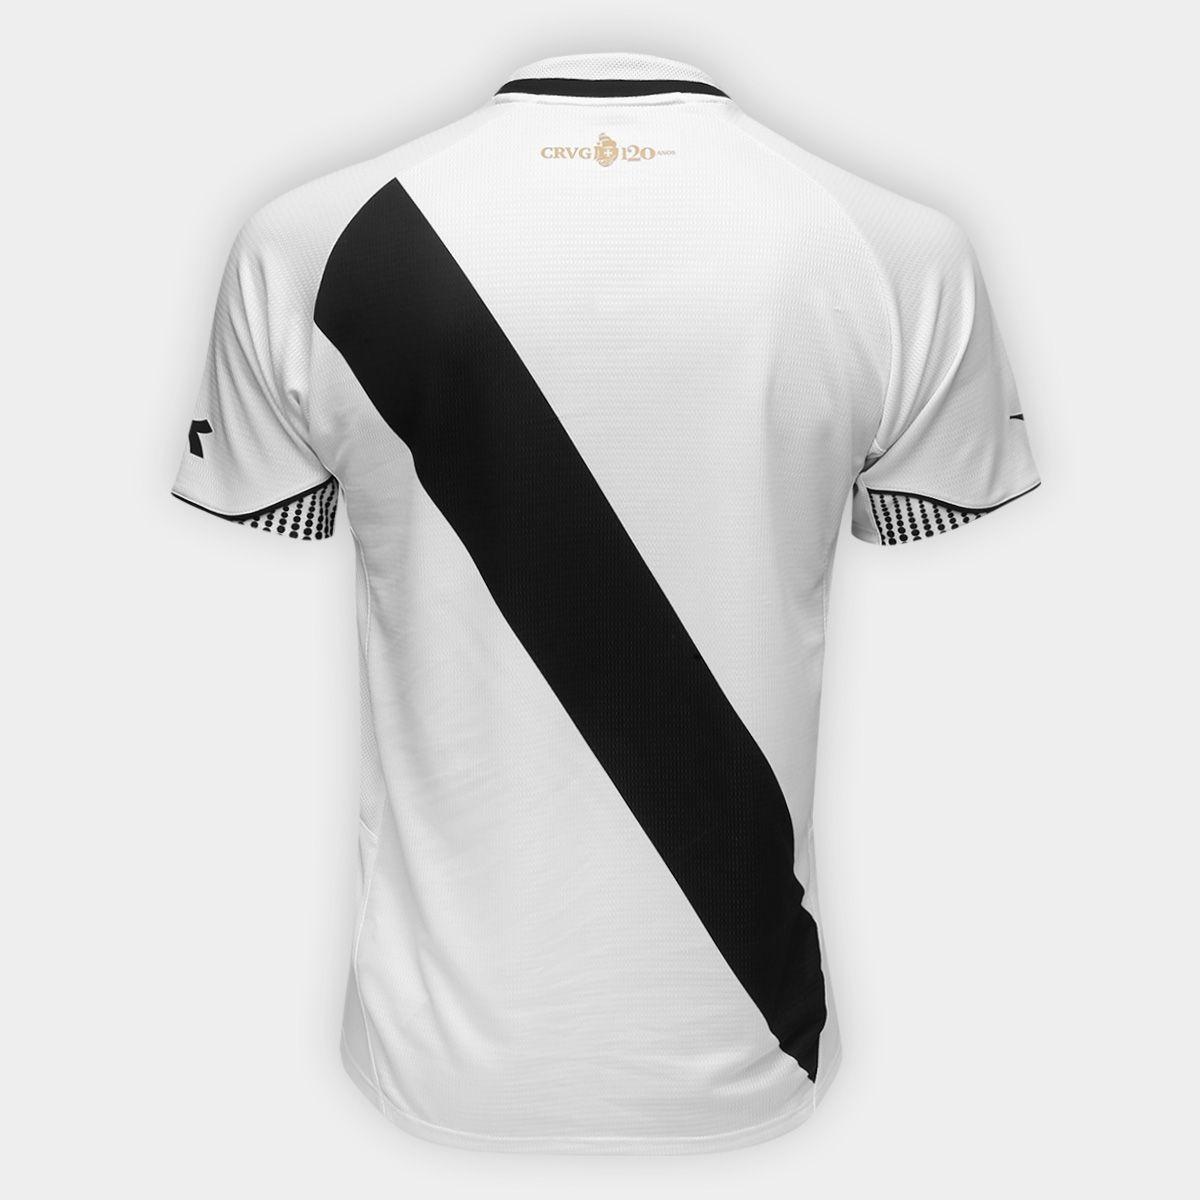 8e7d508e265 camisa vasco ii 2018 -torcedor diadora masculina - branca. Carregando zoom.